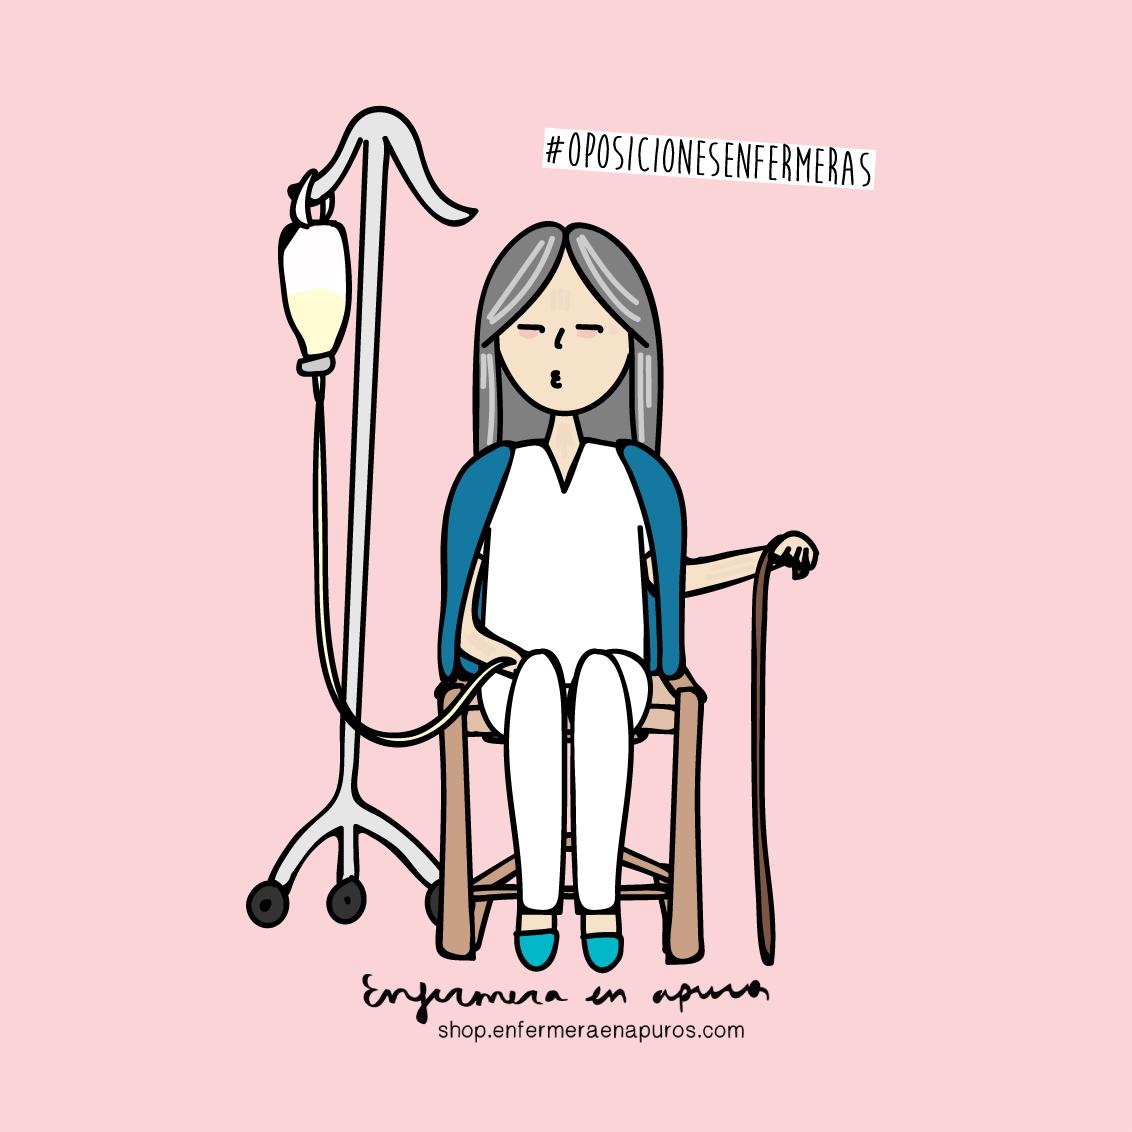 Las enfermeras del turno de noche - 1 7